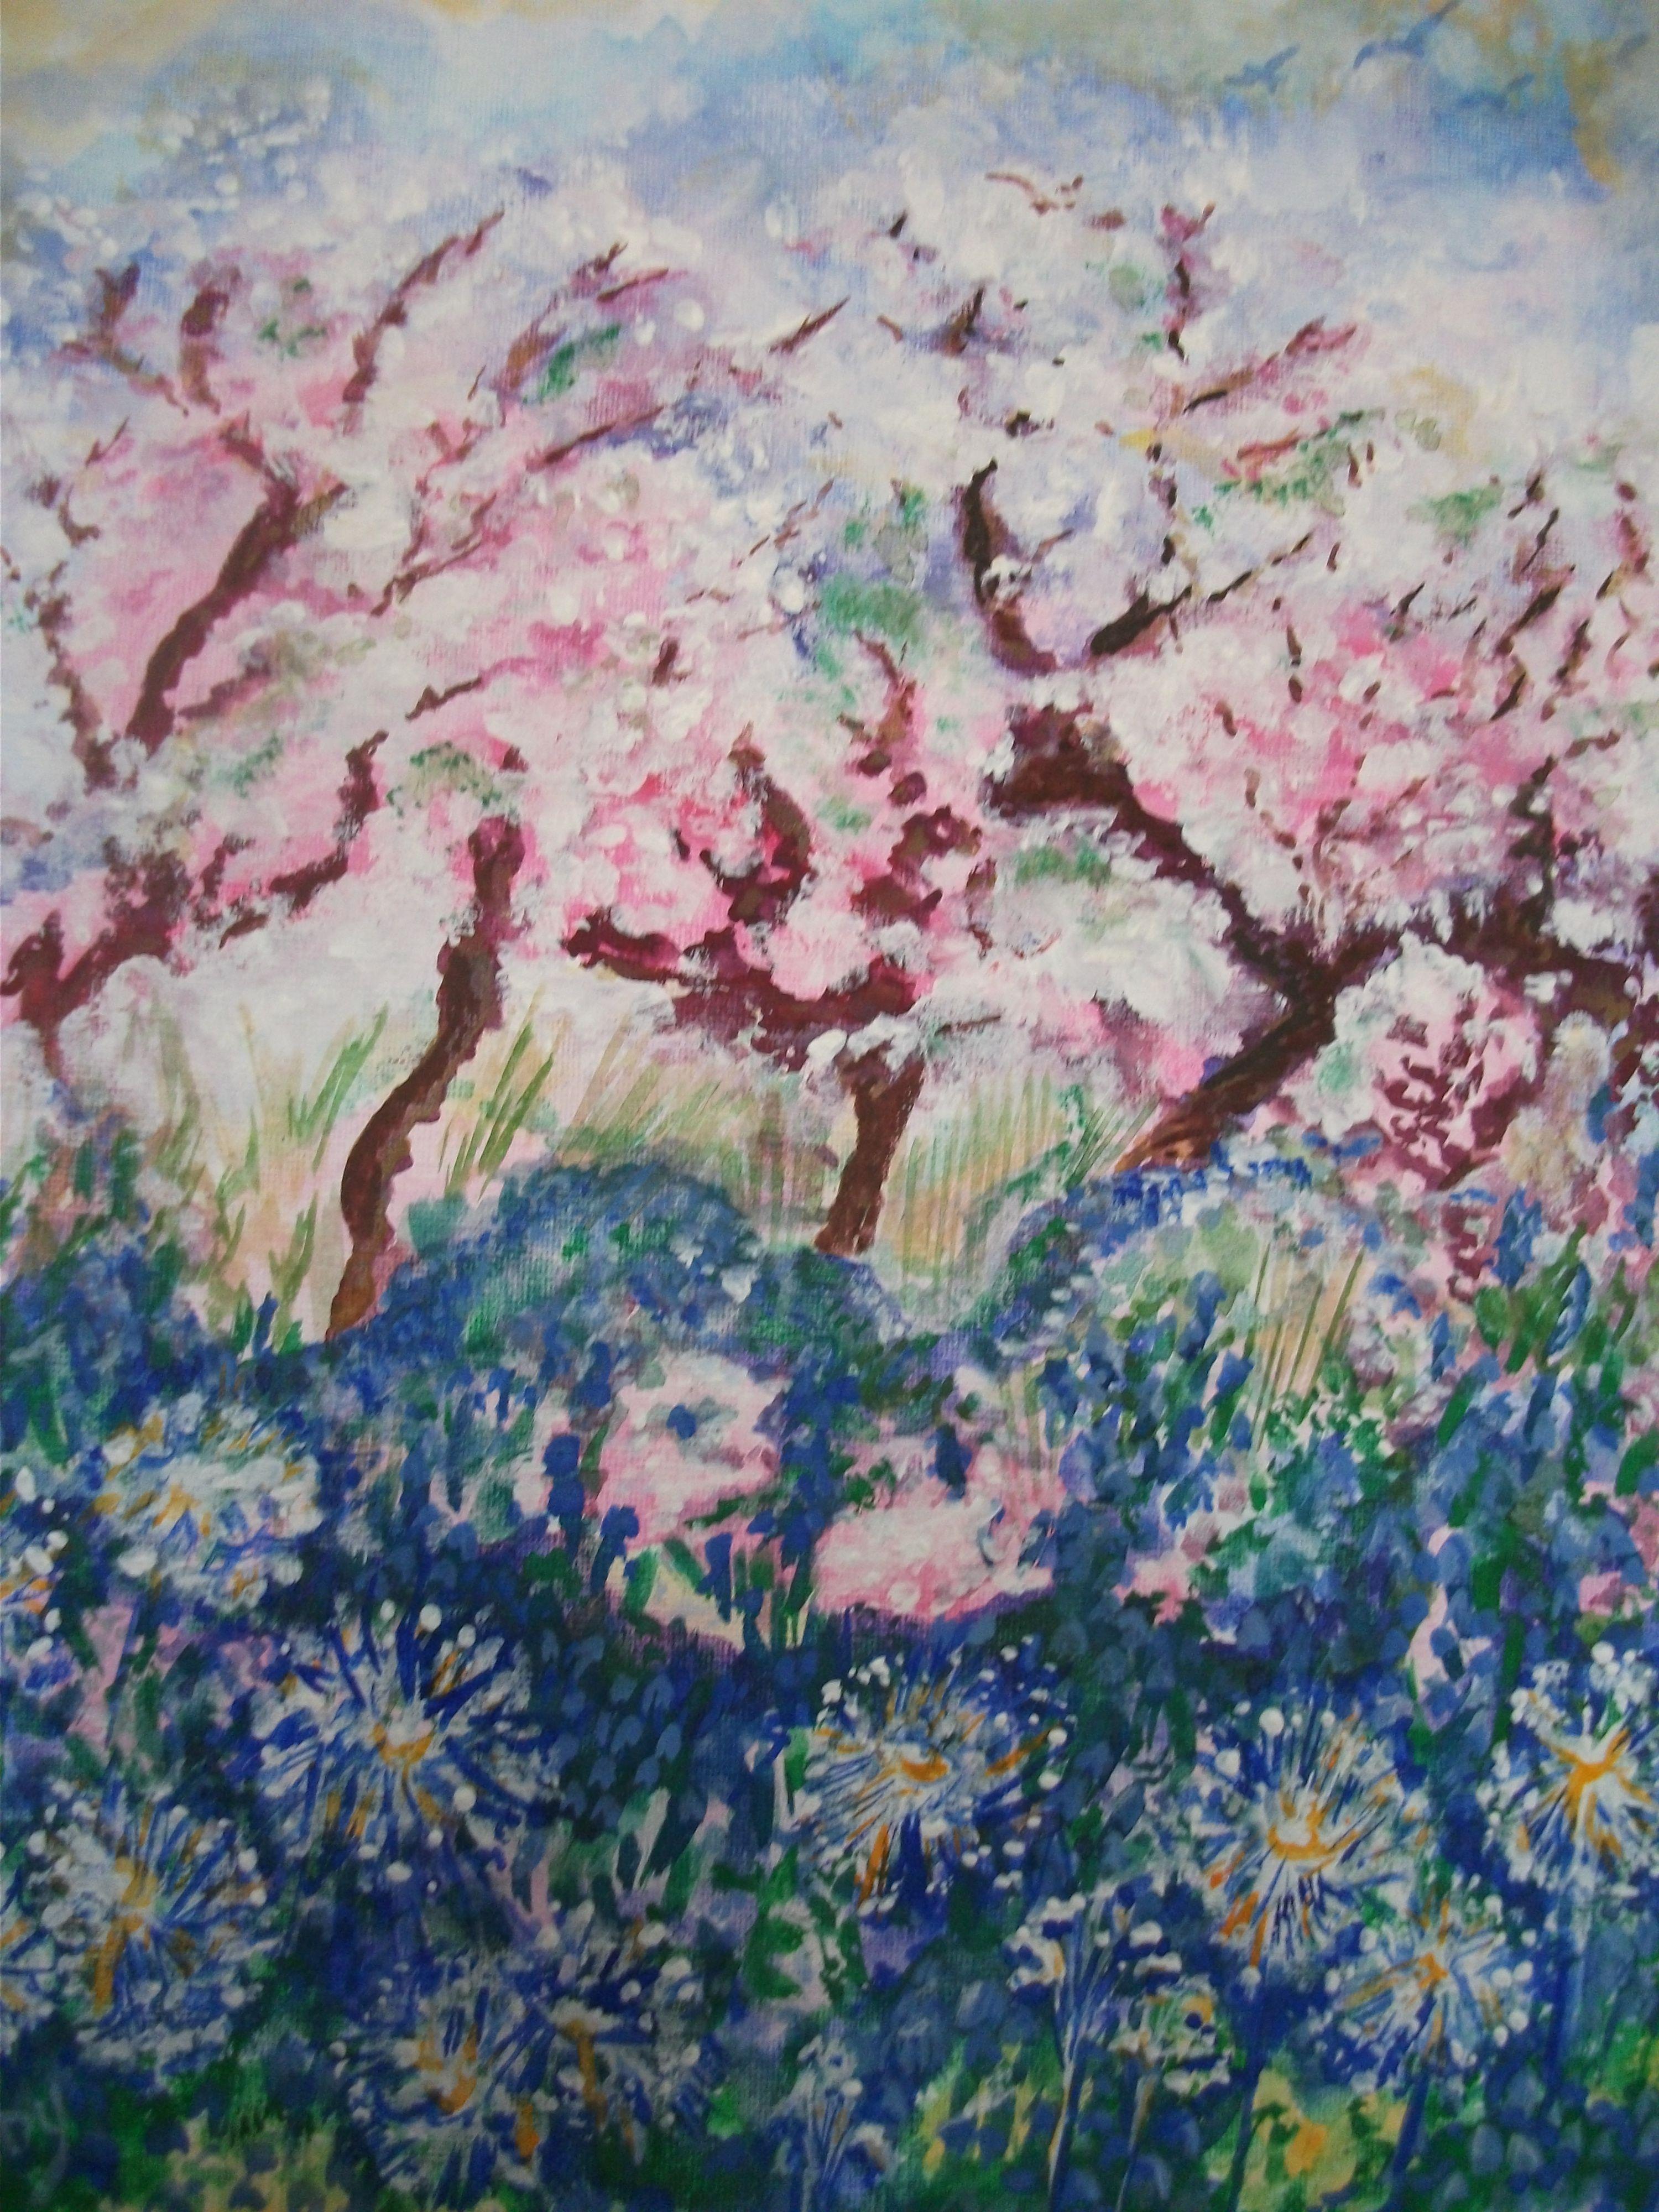 Apple blossom - for Lisa